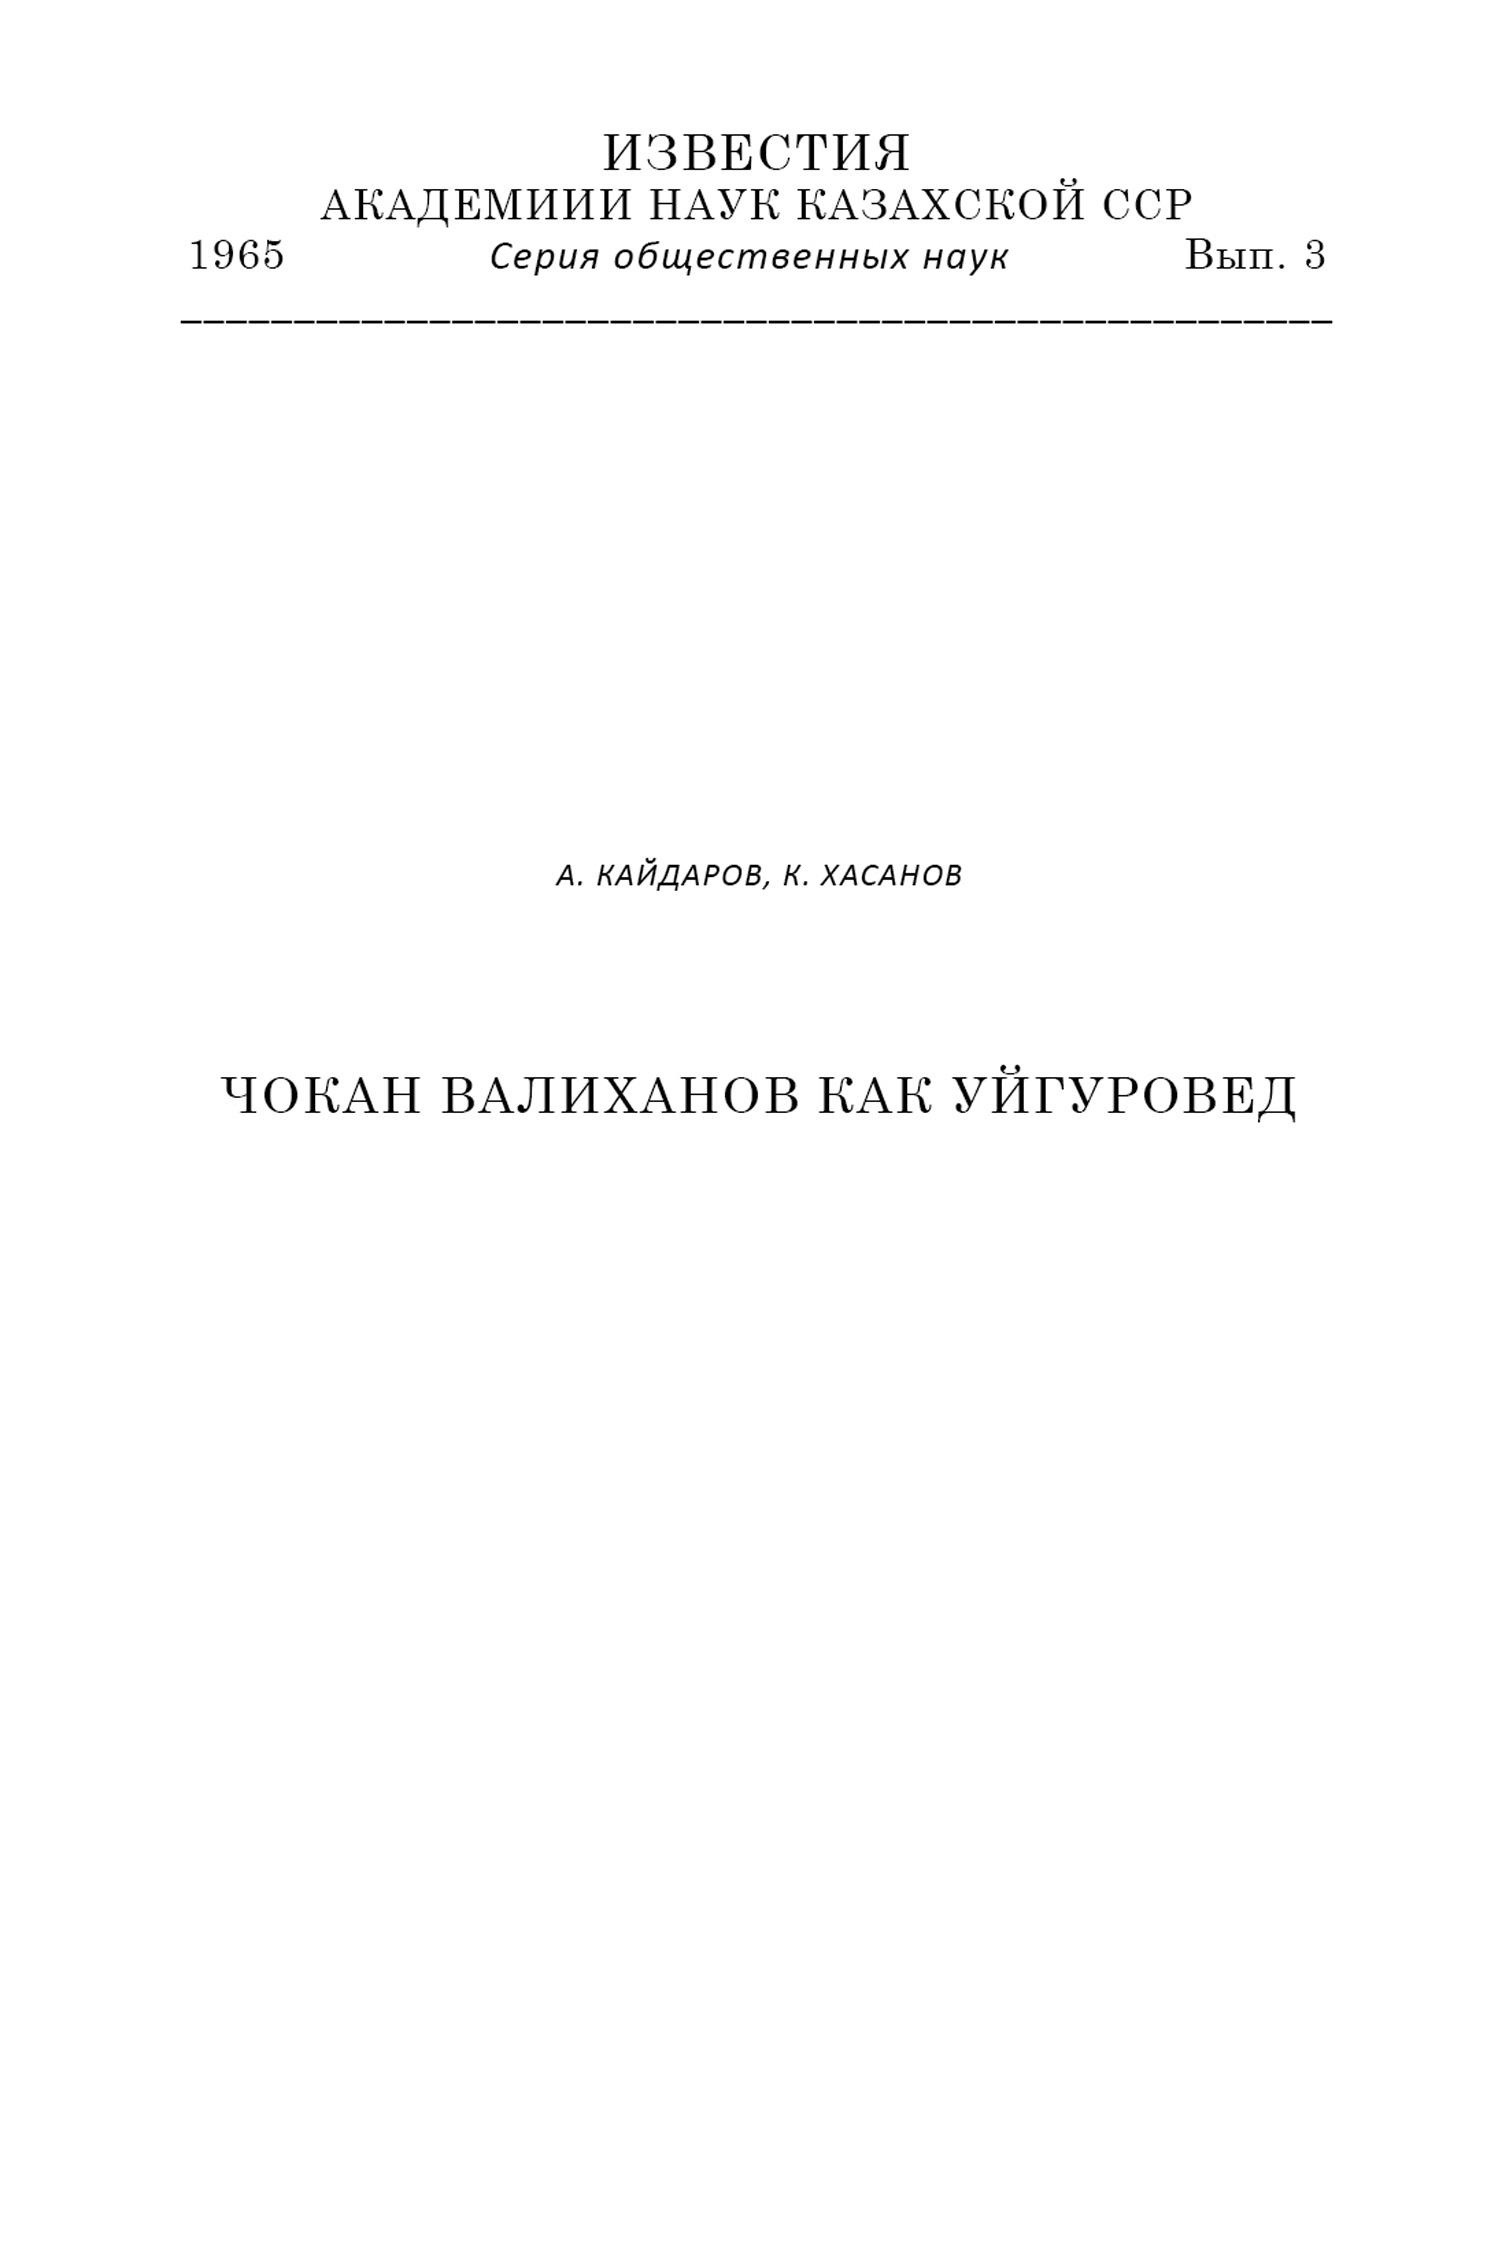 К. Хасанов. «Чокан Валиханов как уйгуровед»